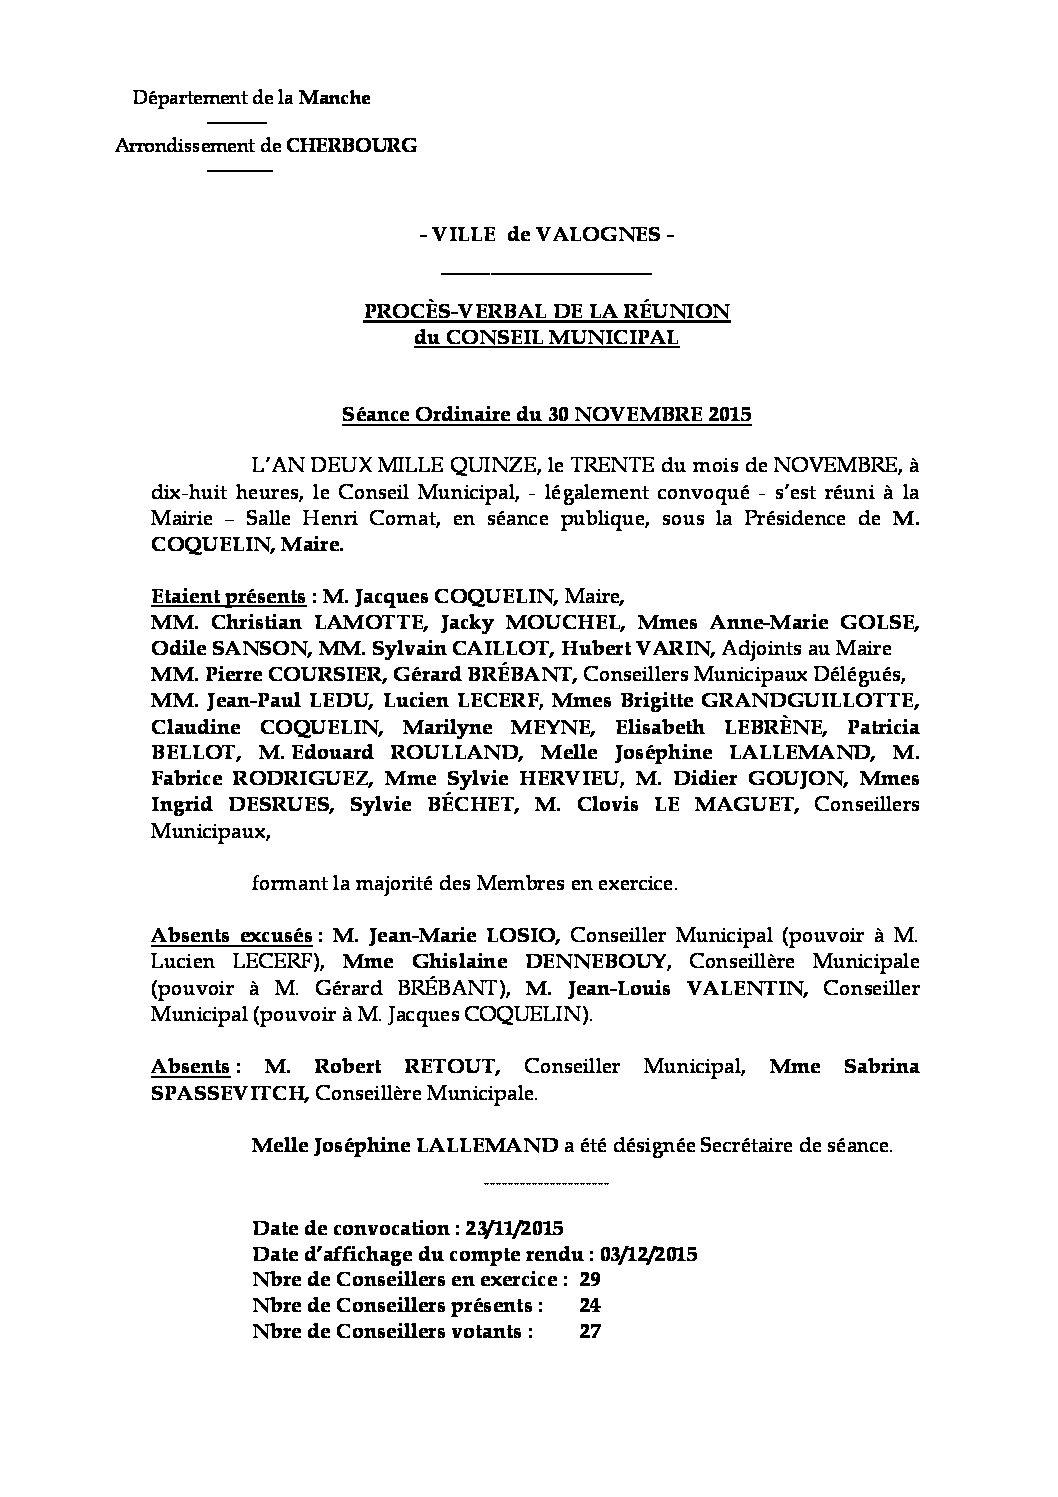 Procès-verbal du 30-11-2015 - Procès-verbal de la réunion du Conseil Municipal du 30 novembre 2015, approuvé à l